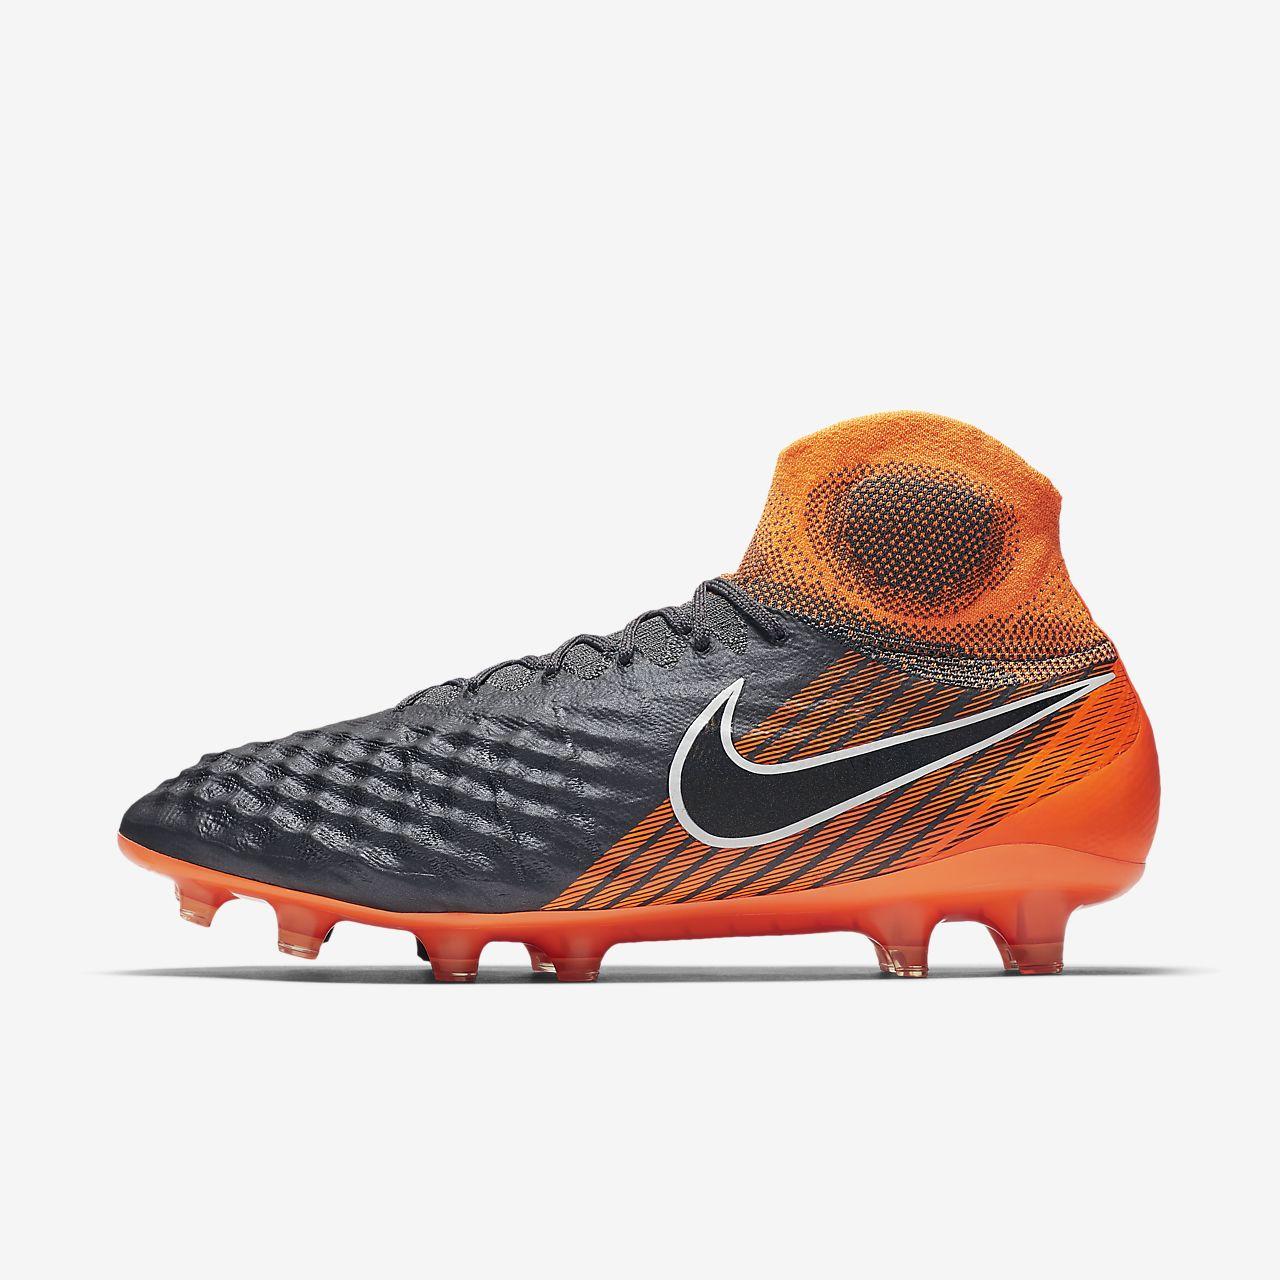 Nike Nike Magista Obra 2 Ajustement Pro Dynamique (fg) W4jhZss